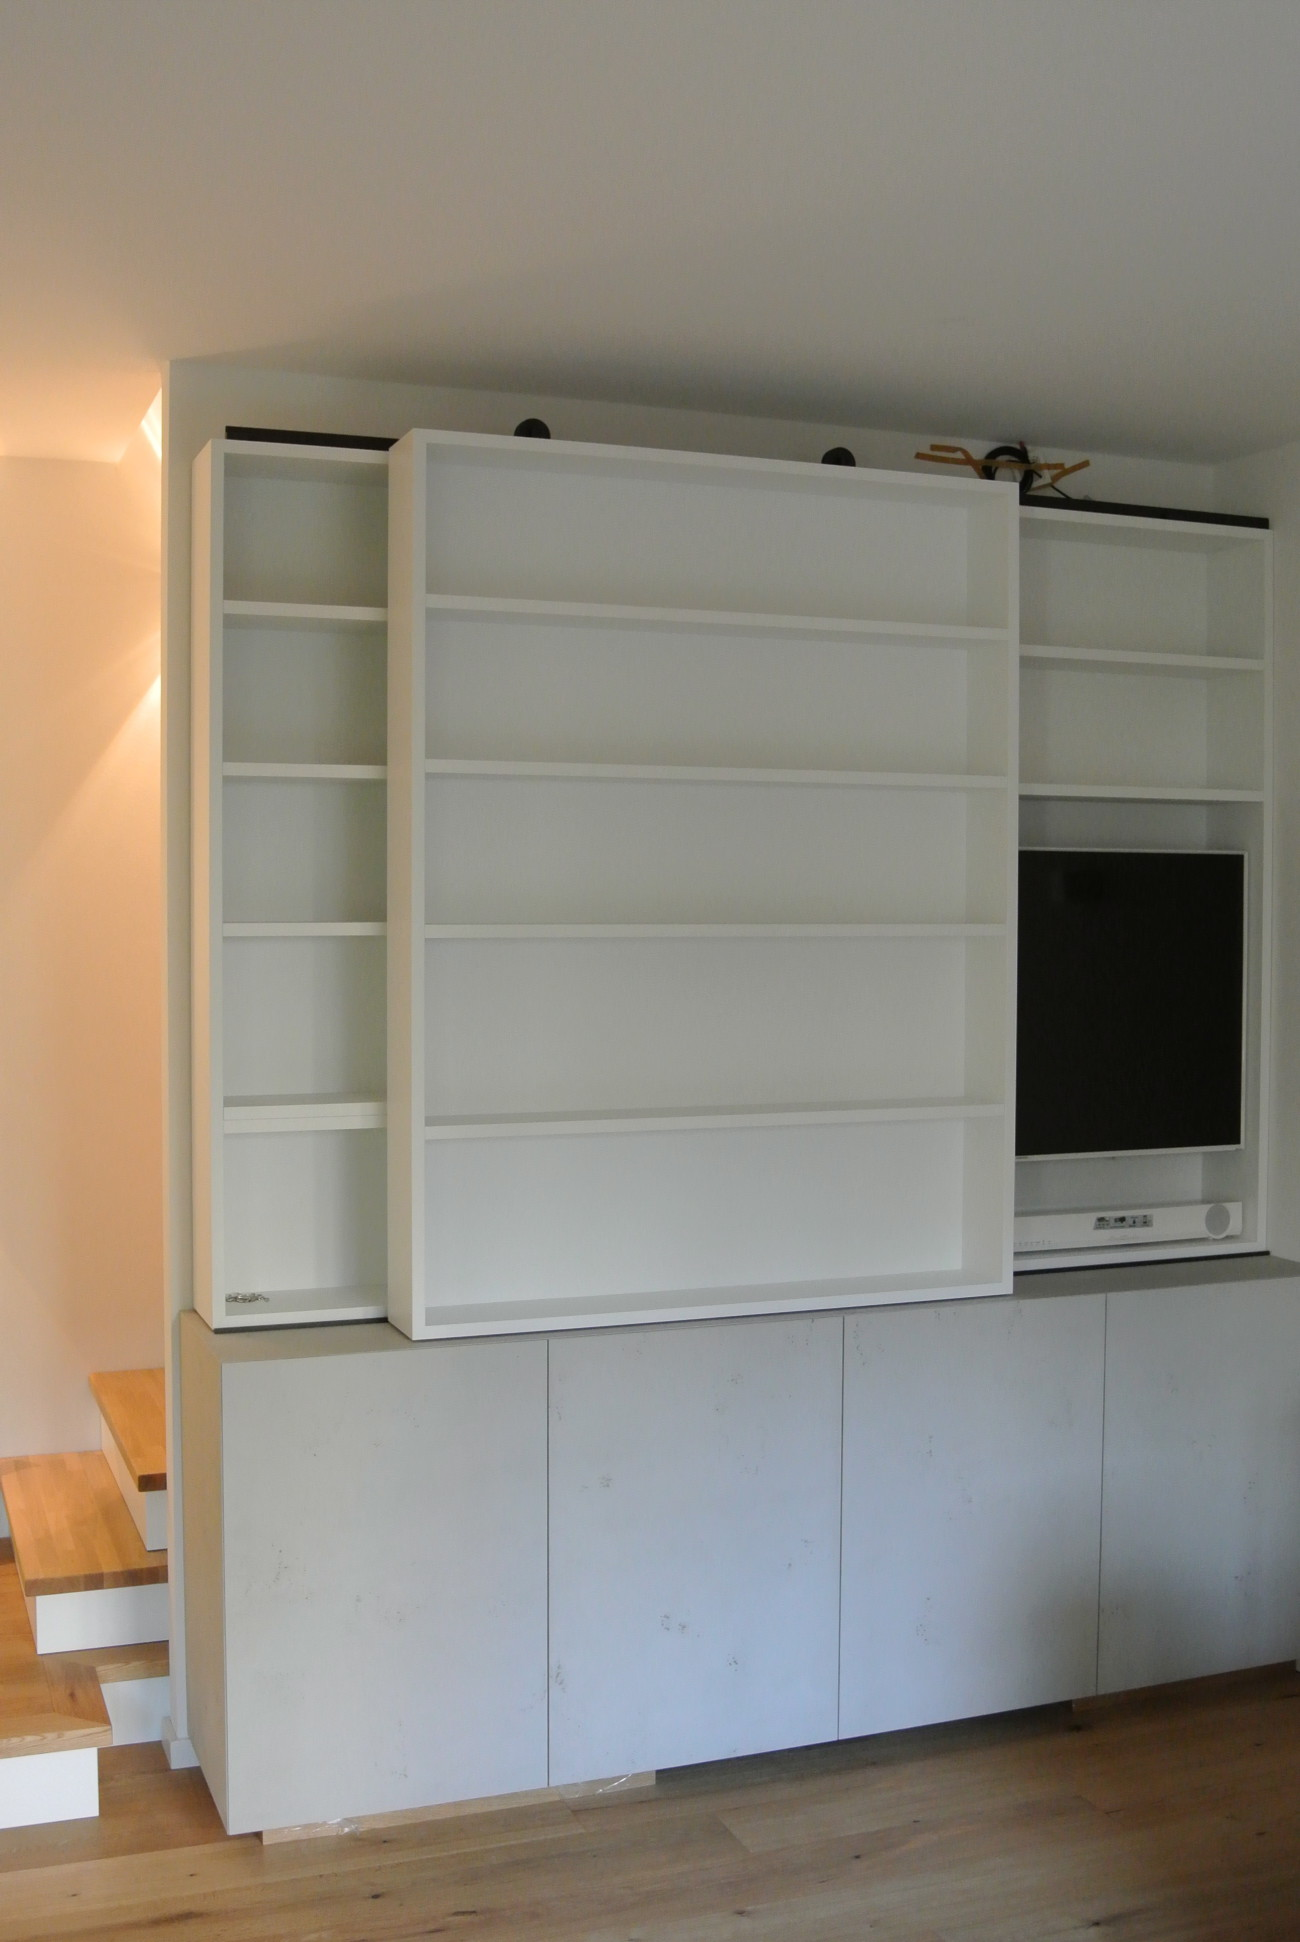 Fernsehschrank geschlossen  Individuelle Möbel | Tischlerei in Hamburg Altona